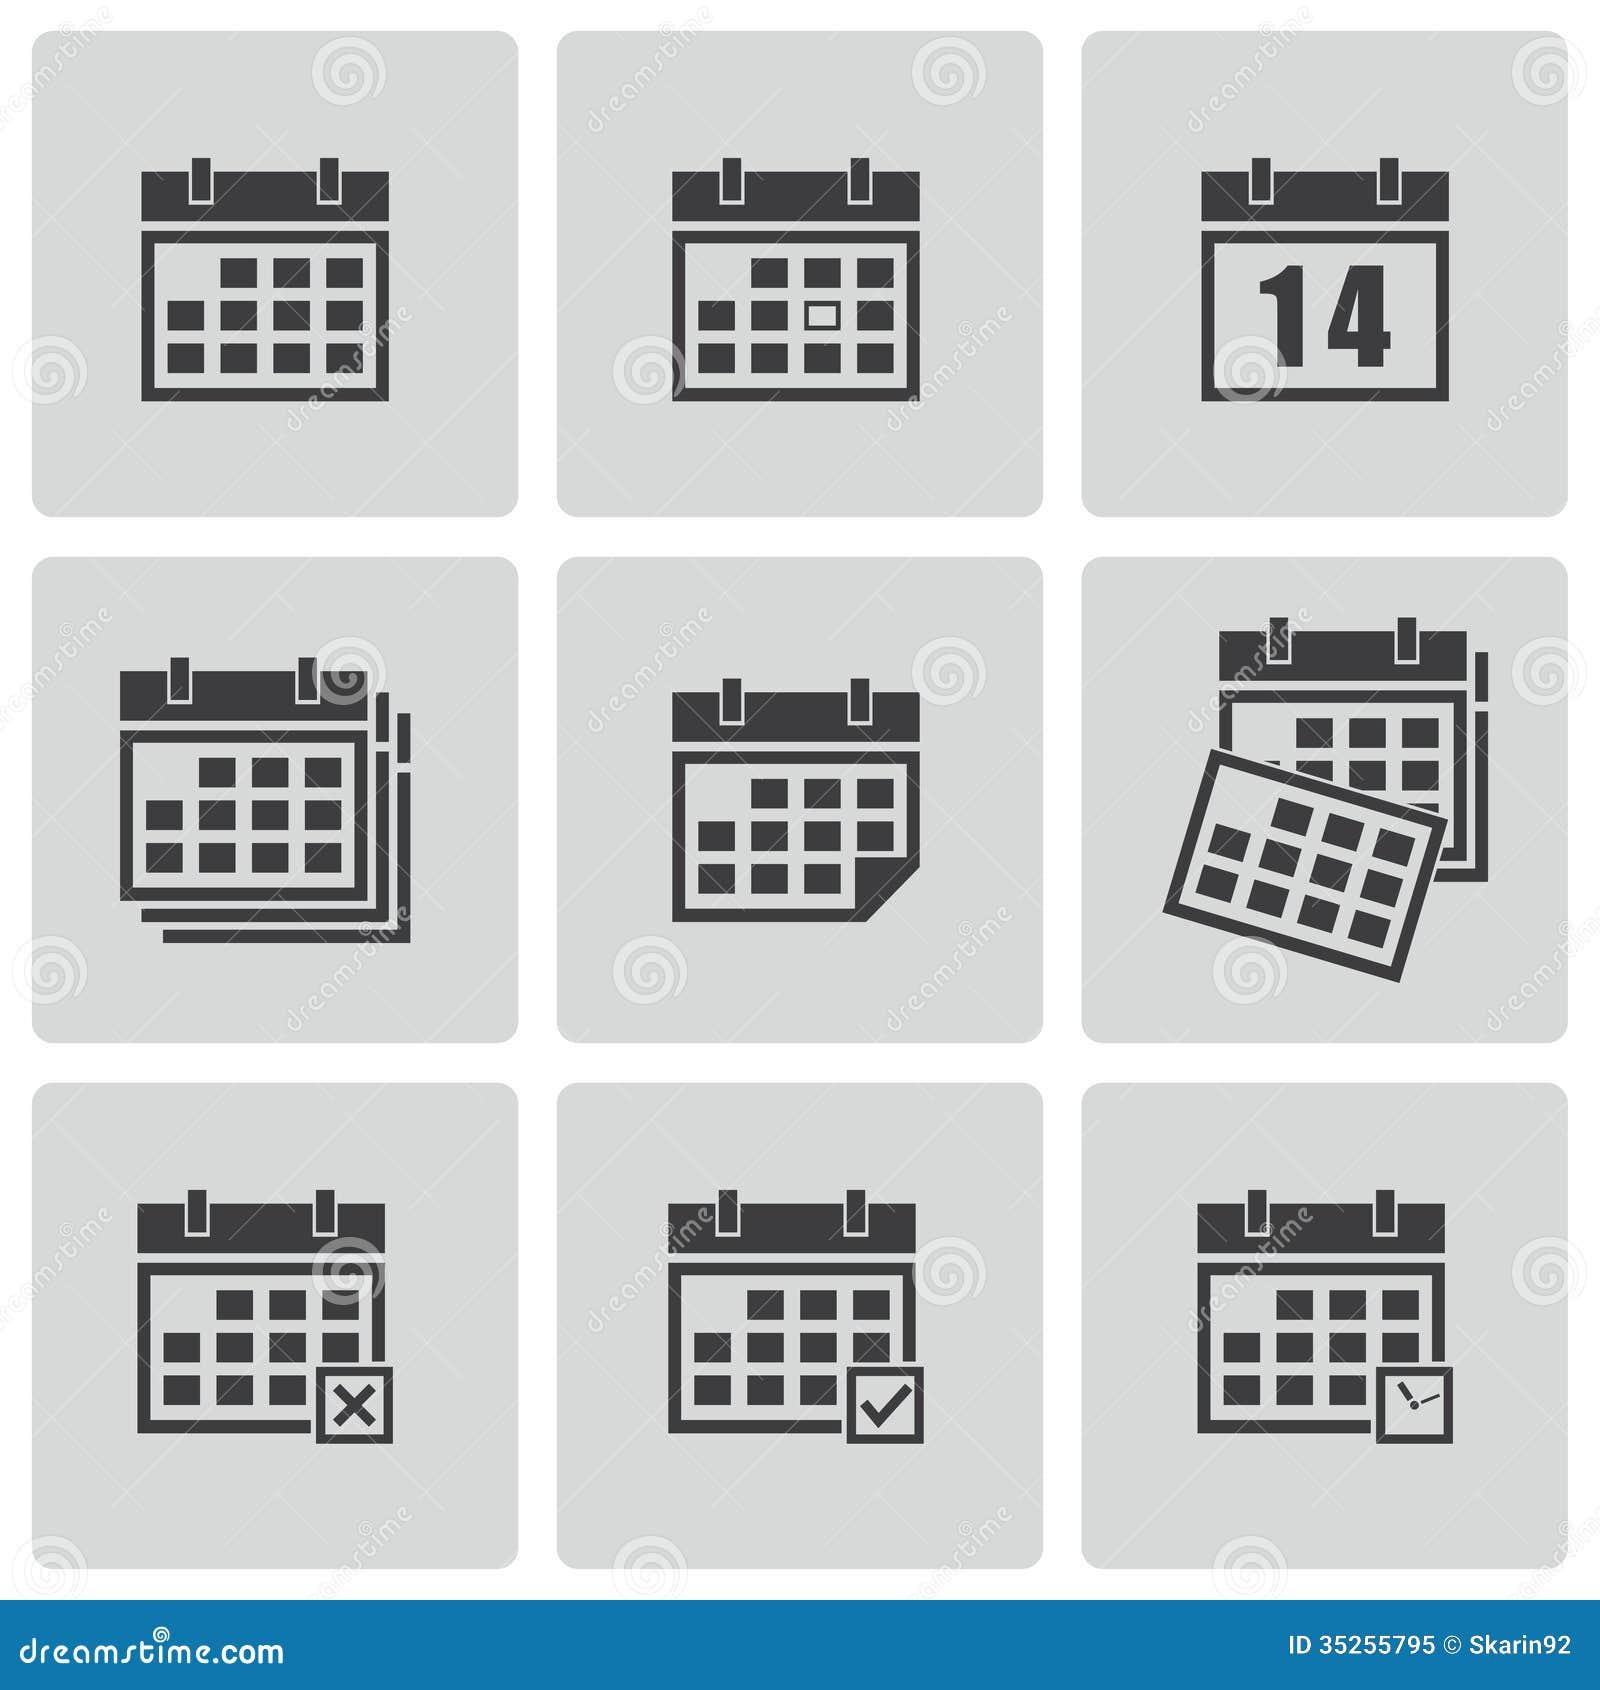 Calendar Design Free Vector : Vector black calendar icons set stock image